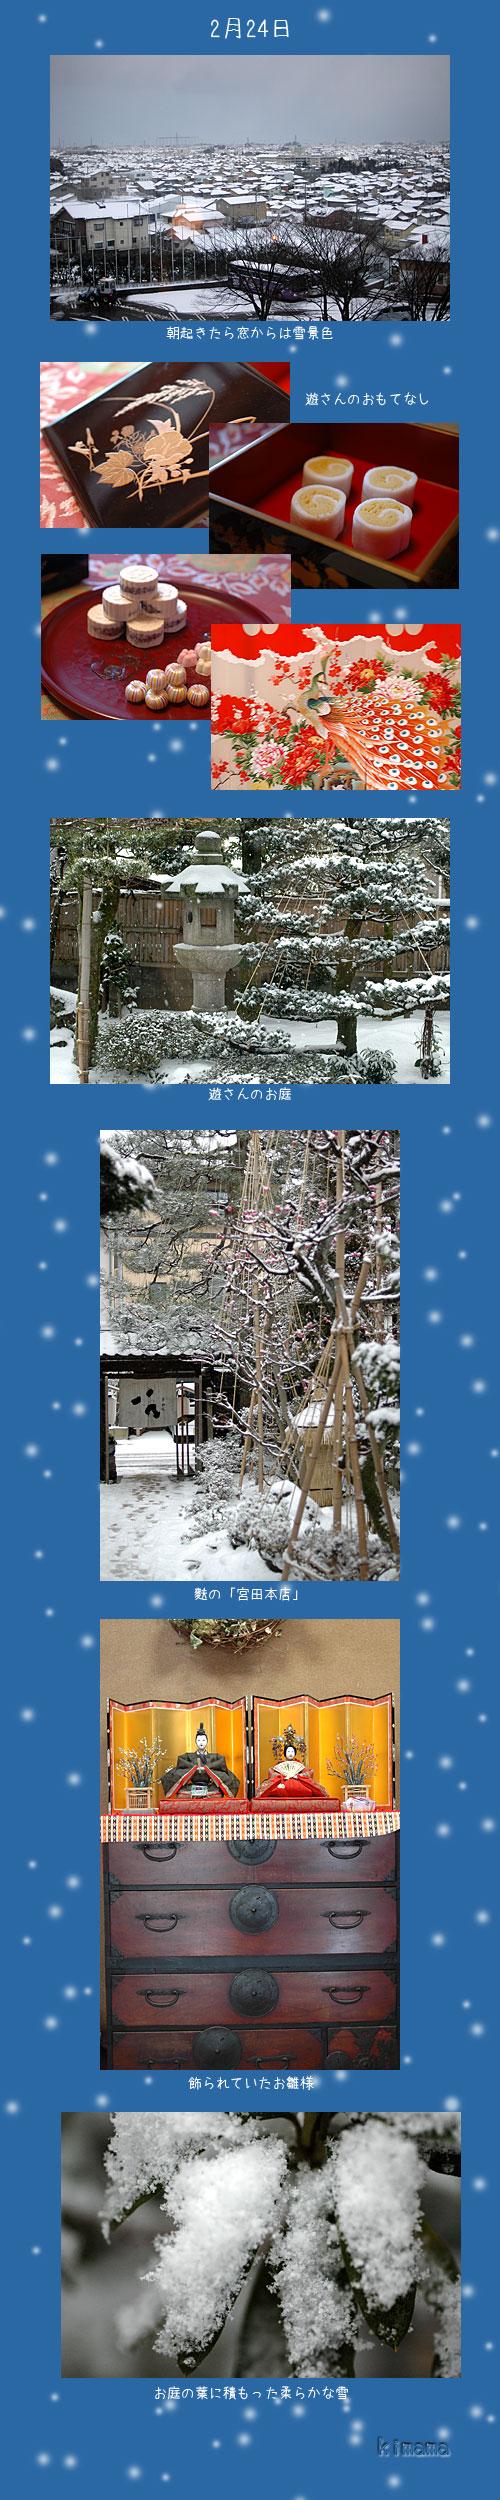 2月24日金沢2